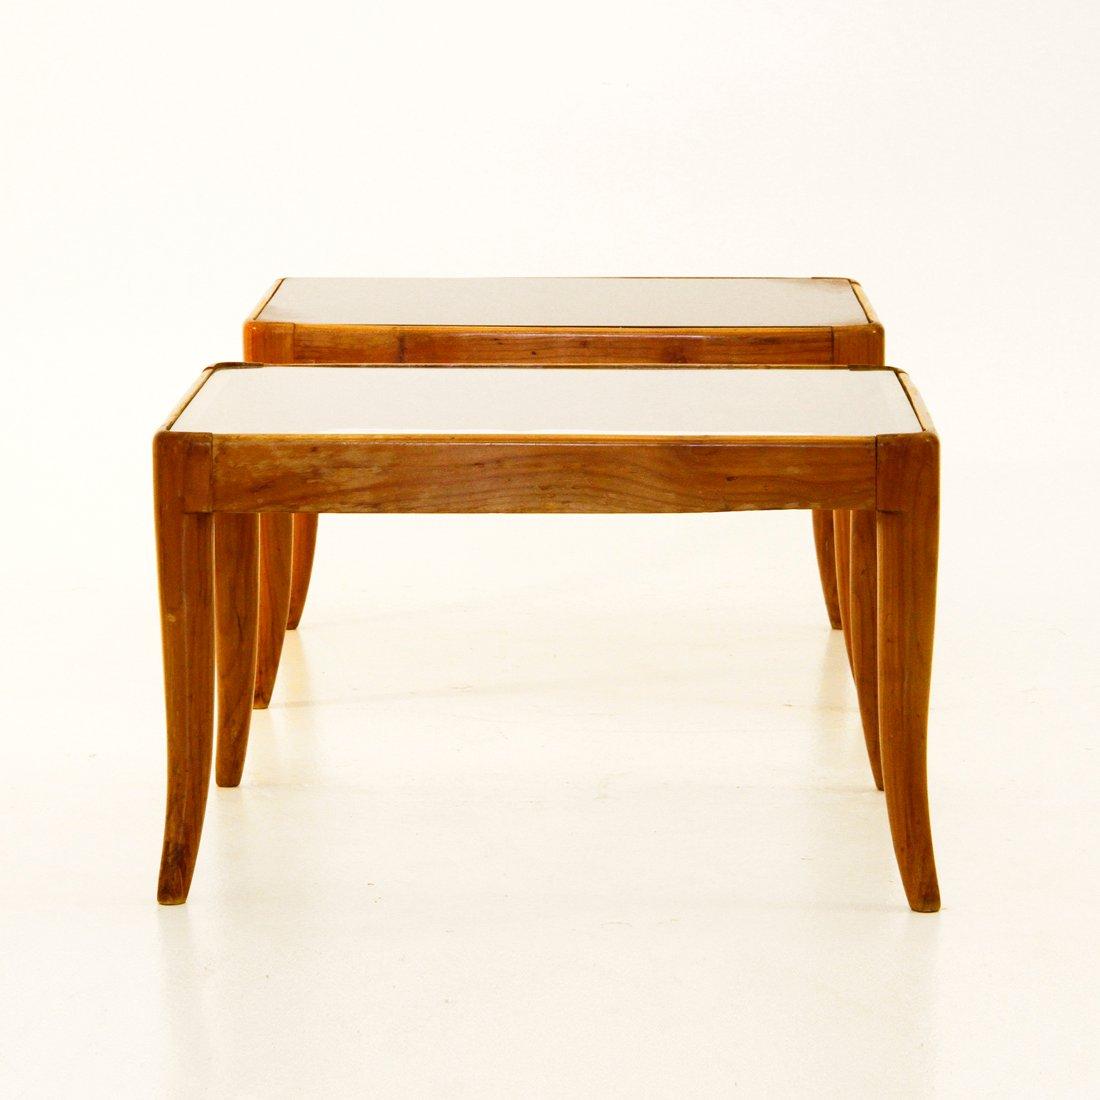 italienische beistelltische aus glas holz 1950er 2er. Black Bedroom Furniture Sets. Home Design Ideas